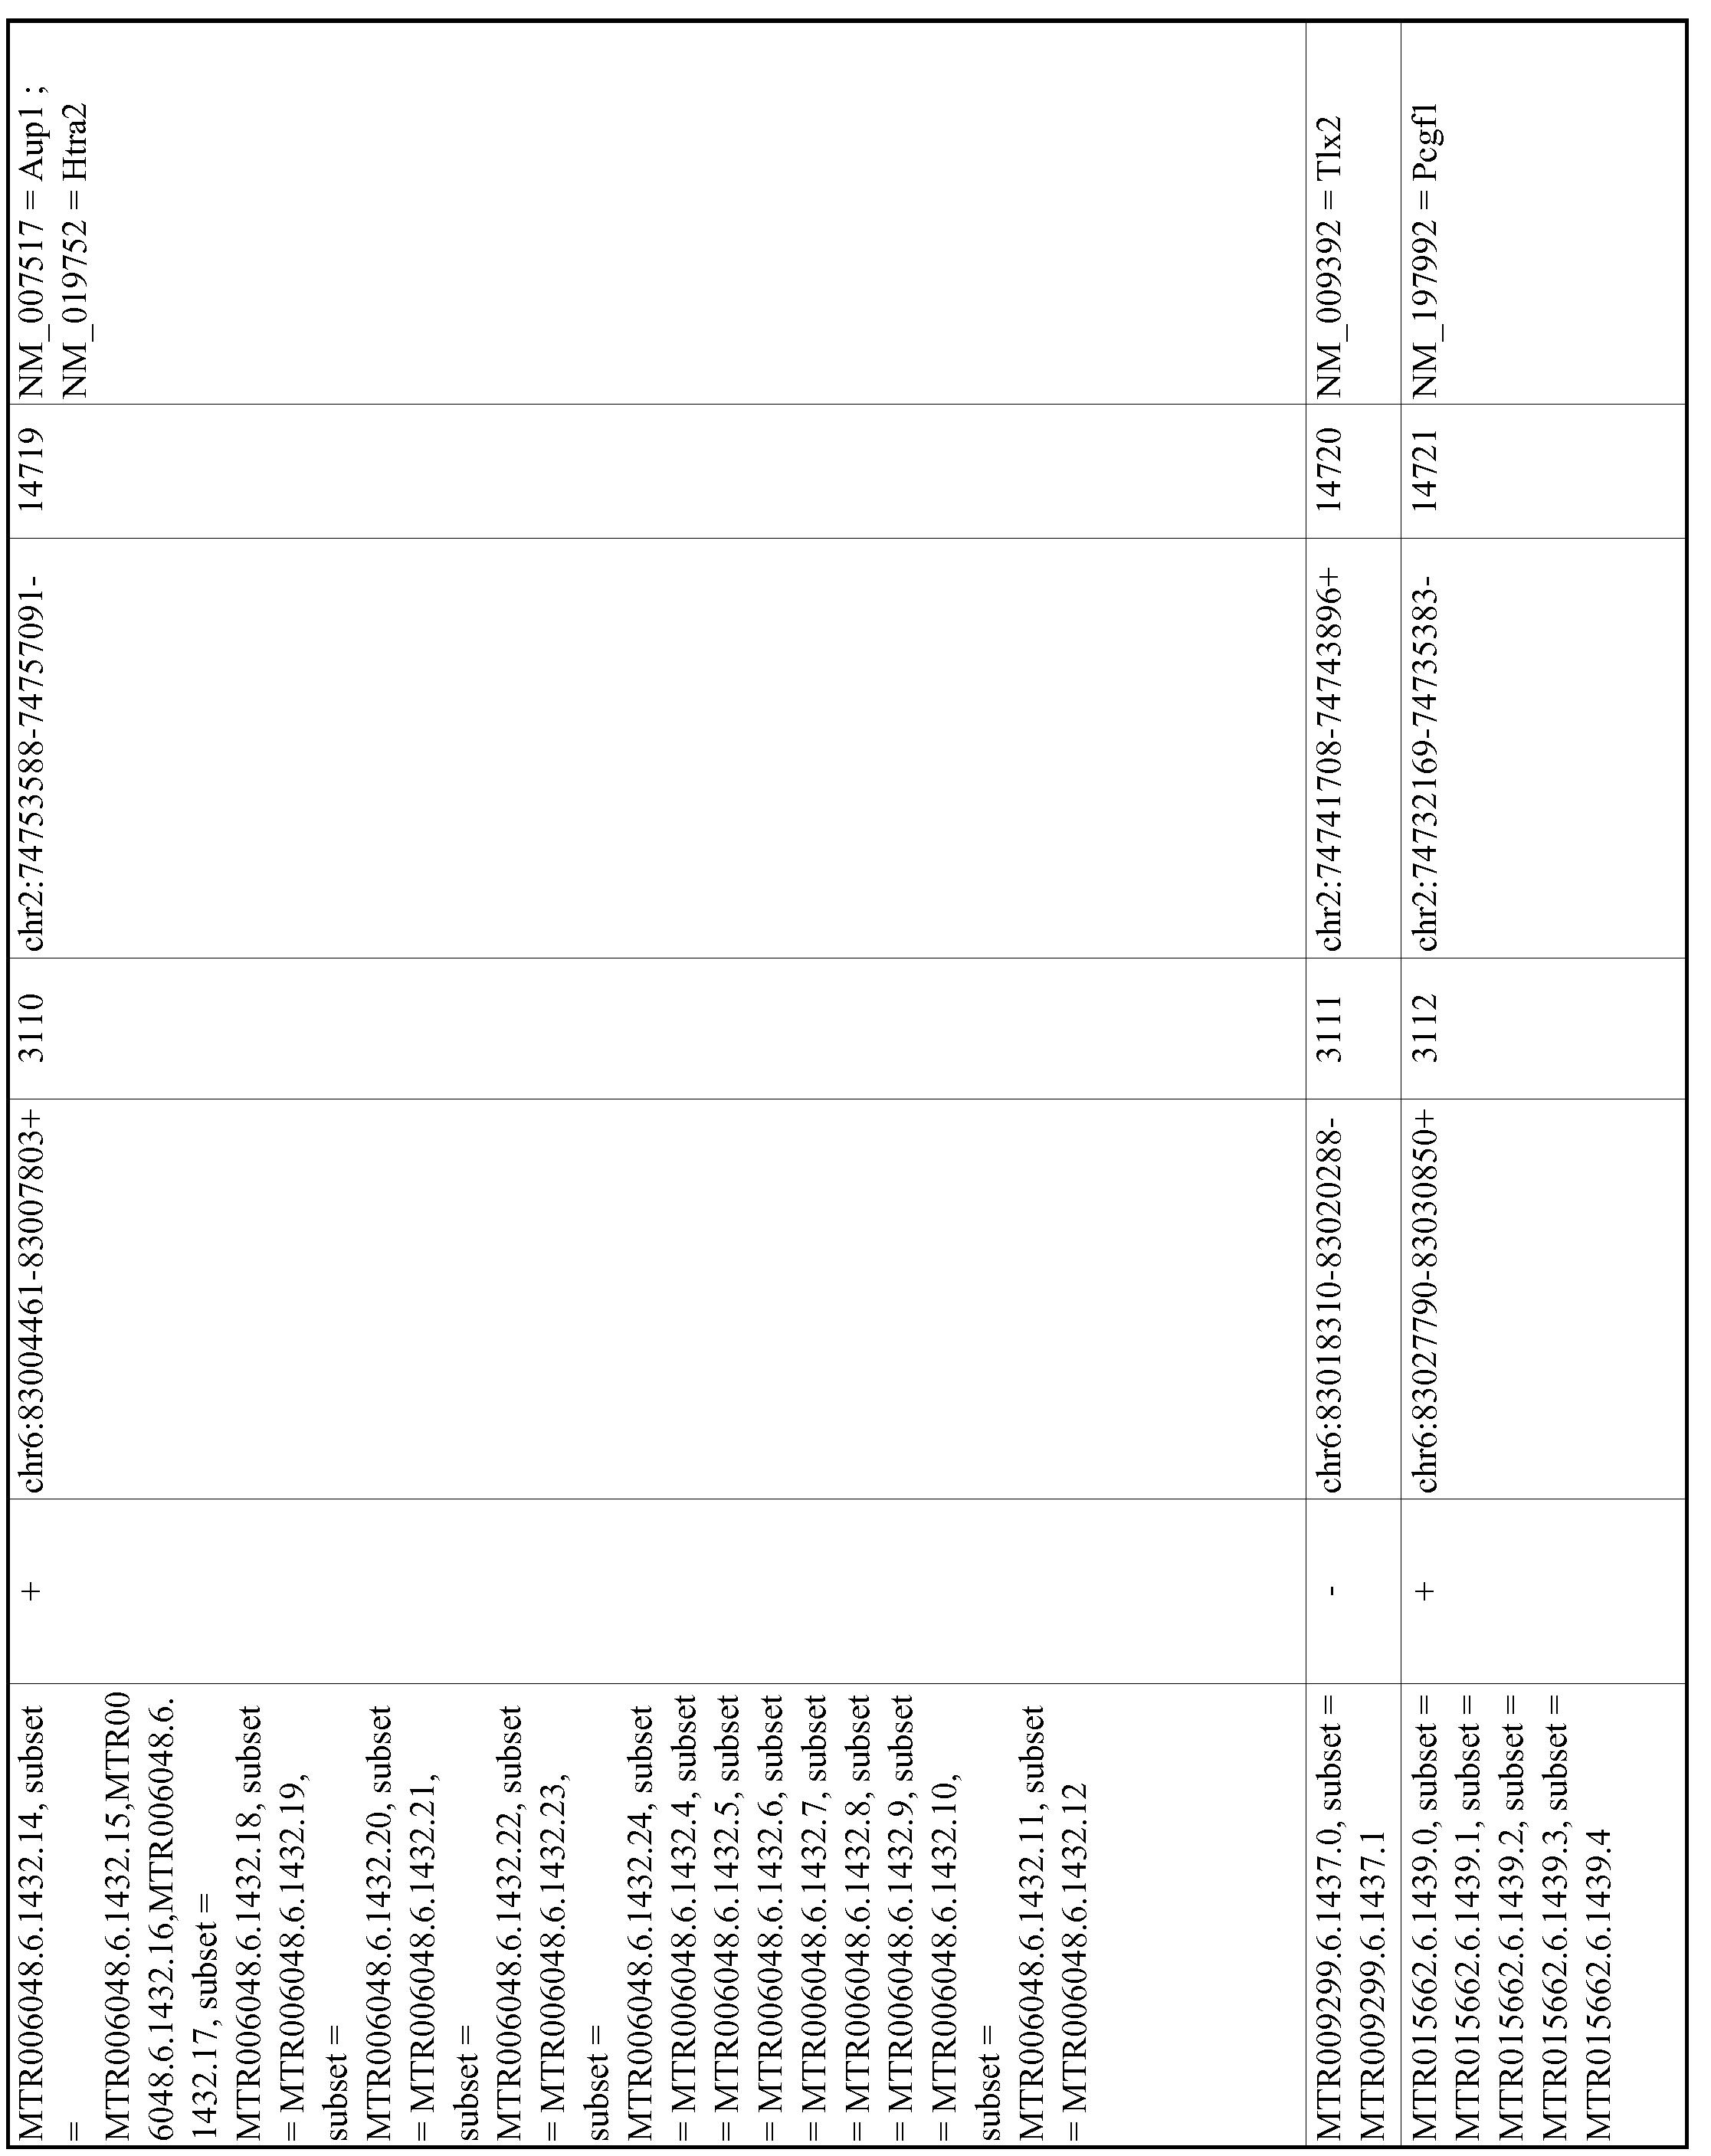 Figure imgf000618_0001